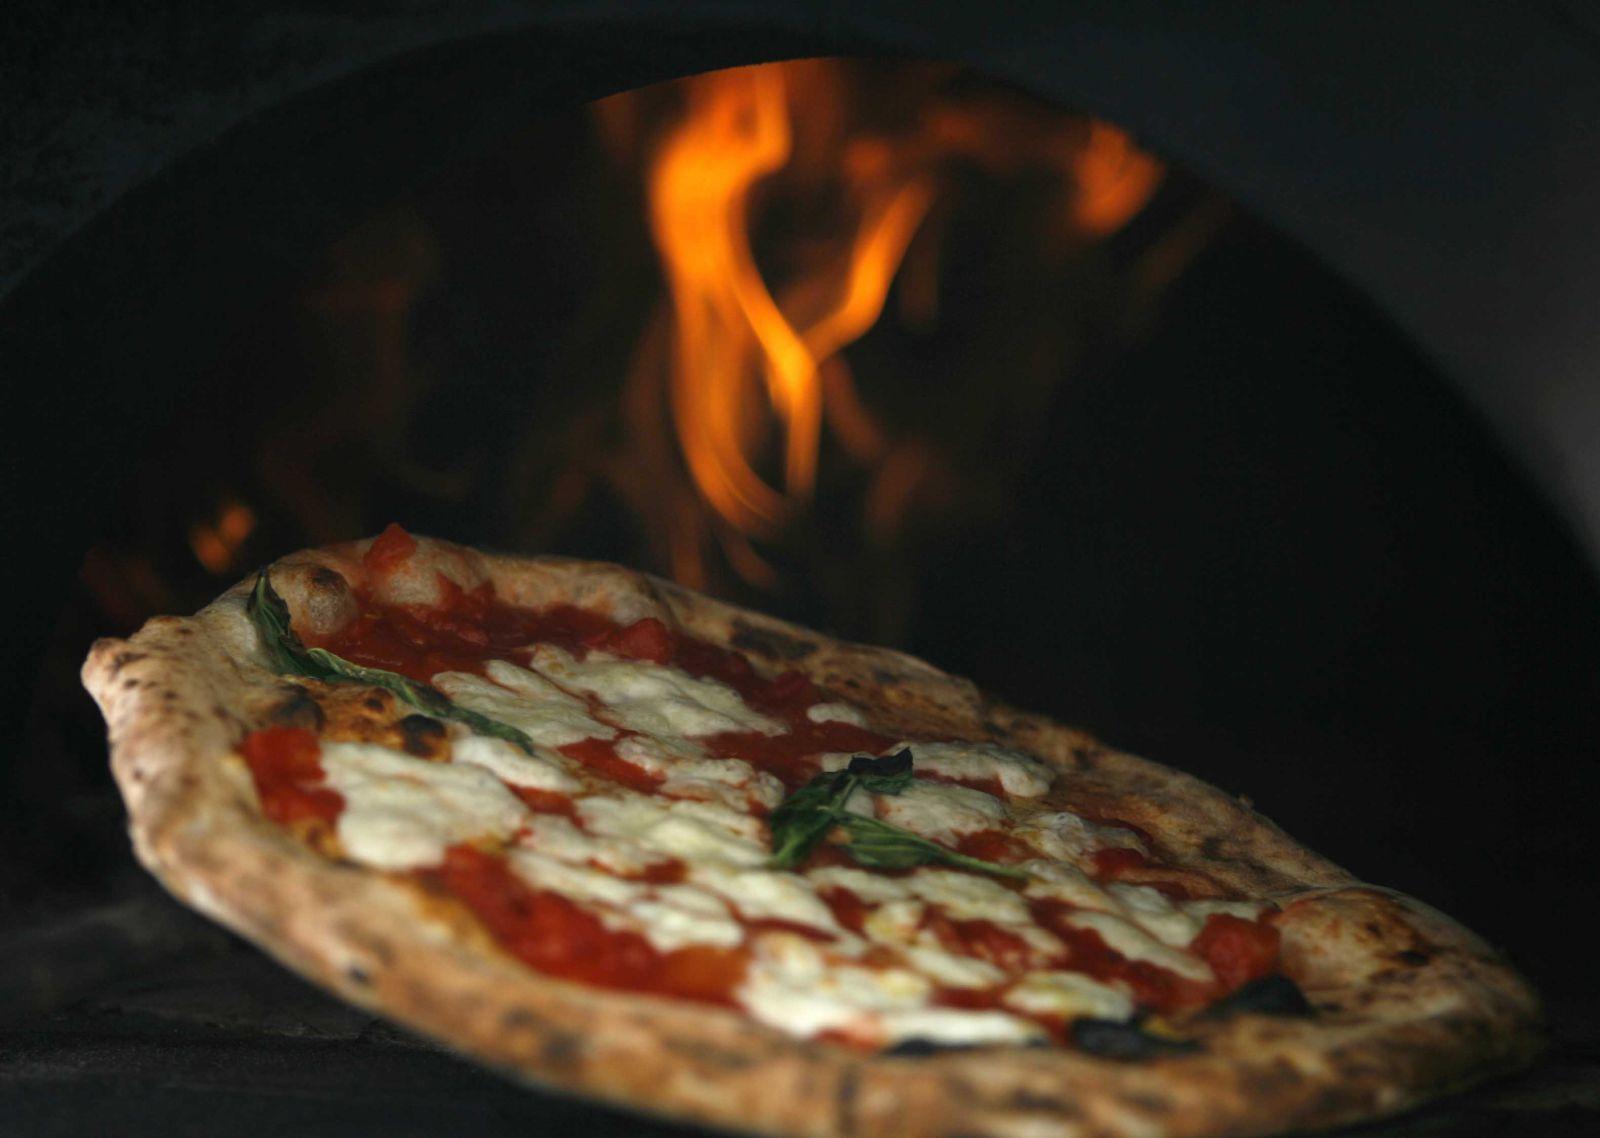 Vistoso Reanudar Fabricante De Pizza Fotos - Ejemplo De Colección De ...